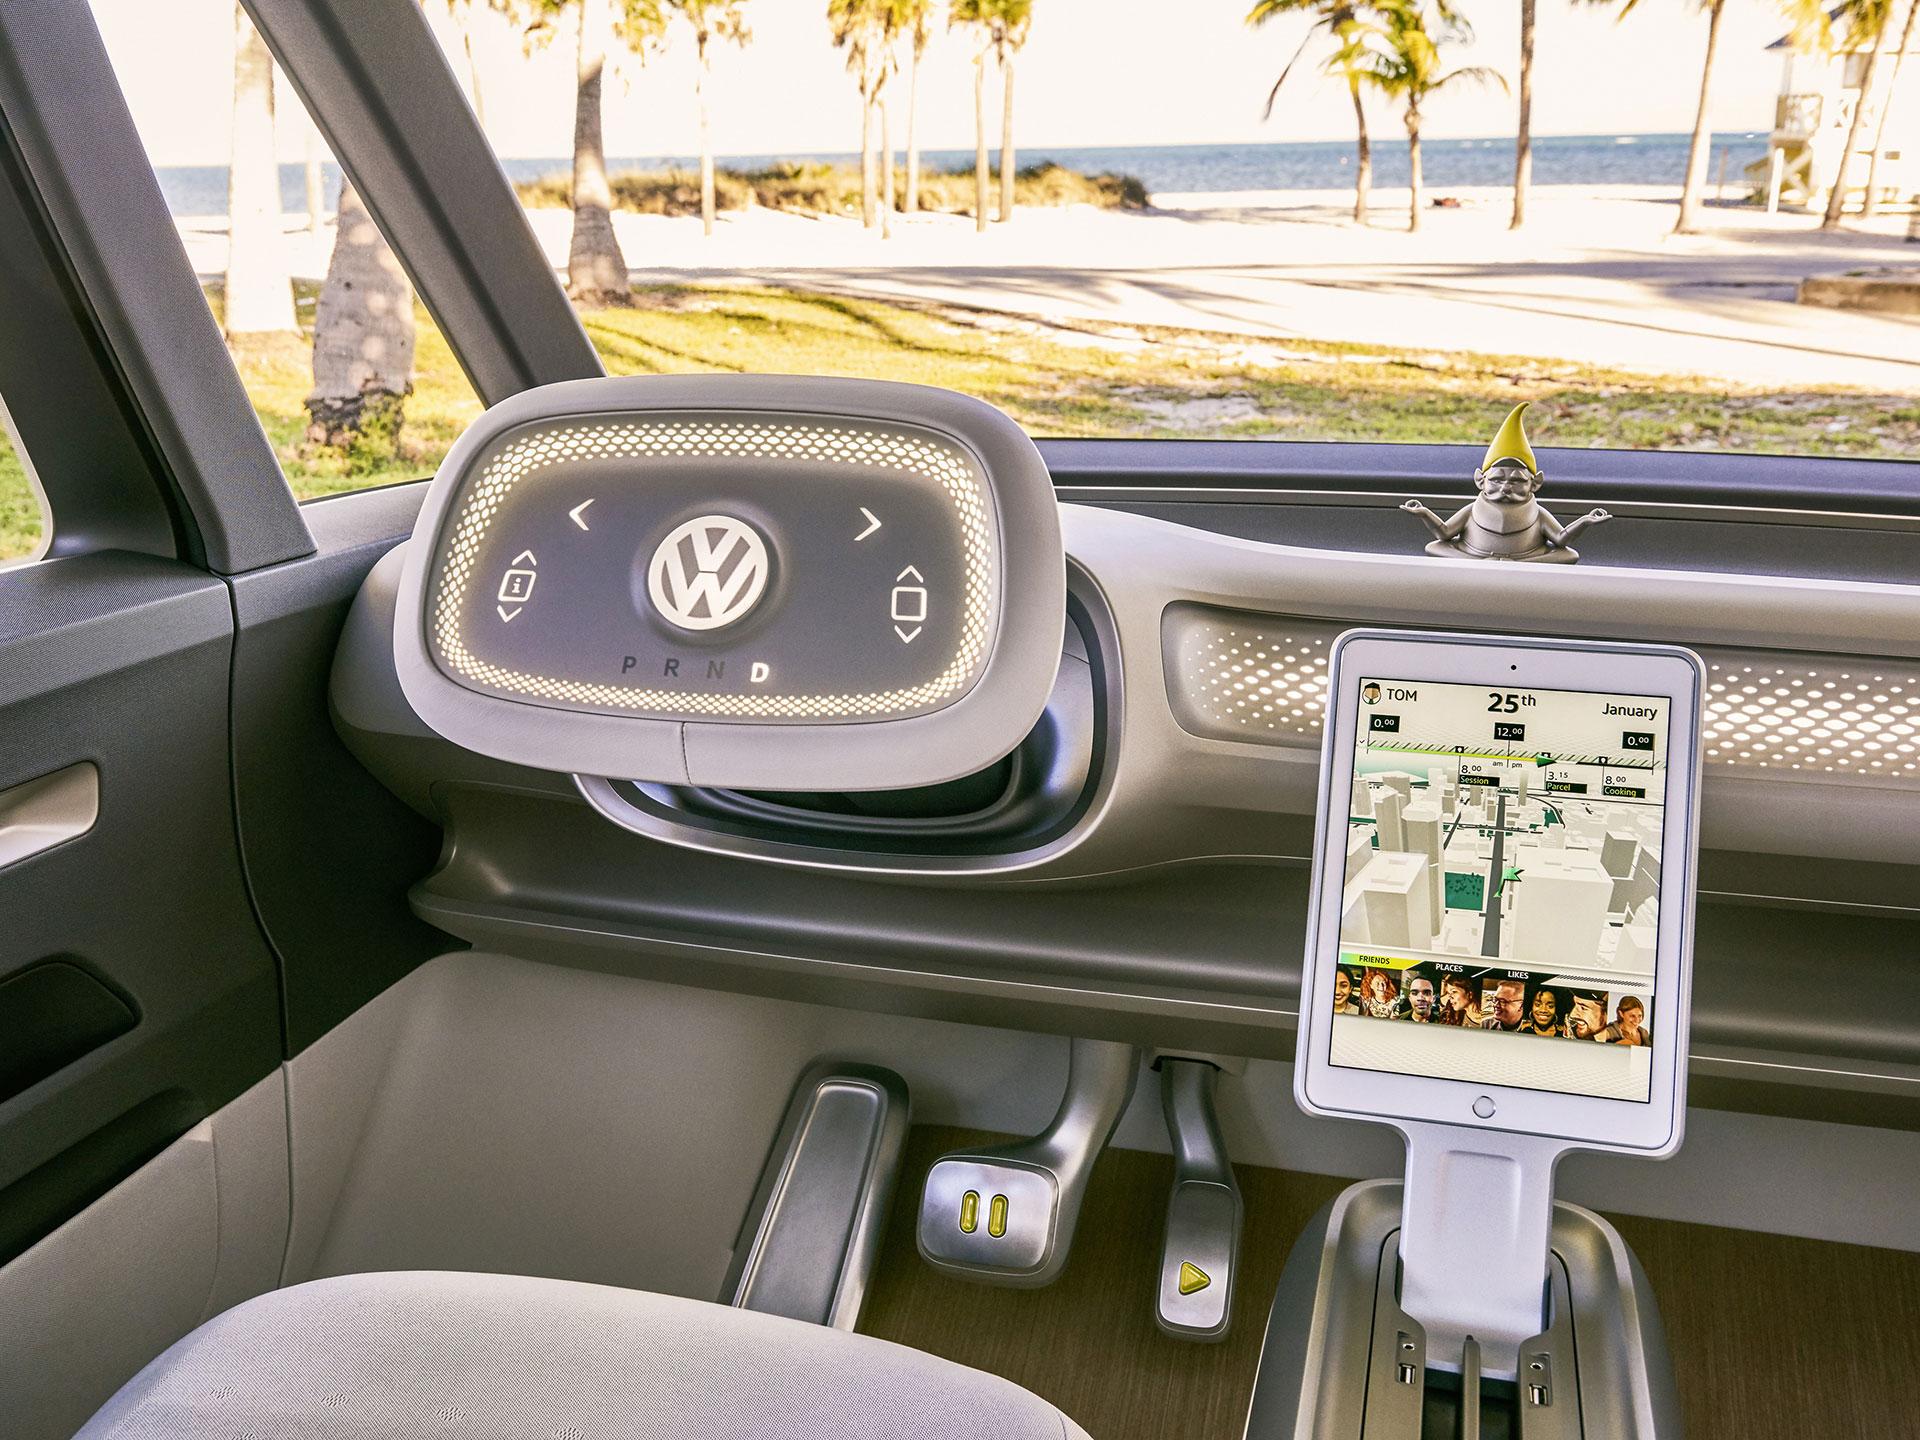 El interior el limpio, Tiene una pantalla táctil para manipular el sistema de infoentretenimiento y un volante digital. Foto: Volkswagen